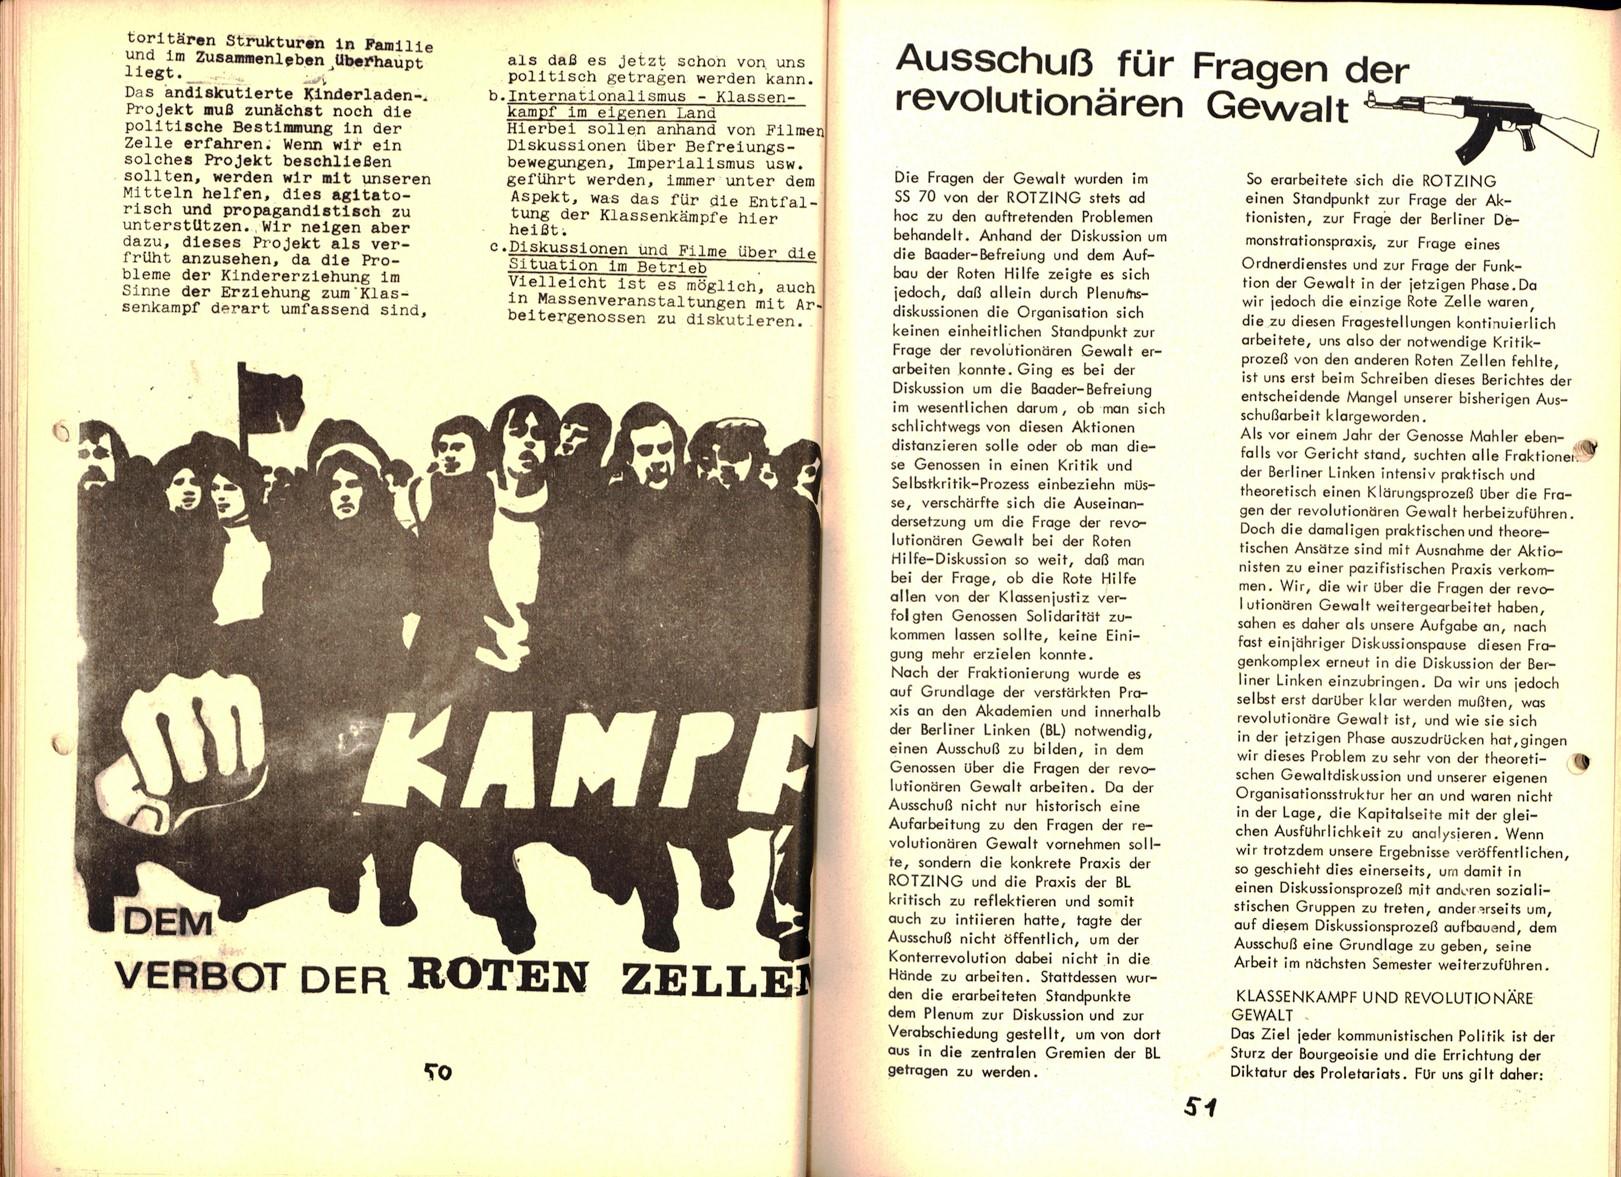 Berlin_Rotzing_1971_Kampfbericht_26